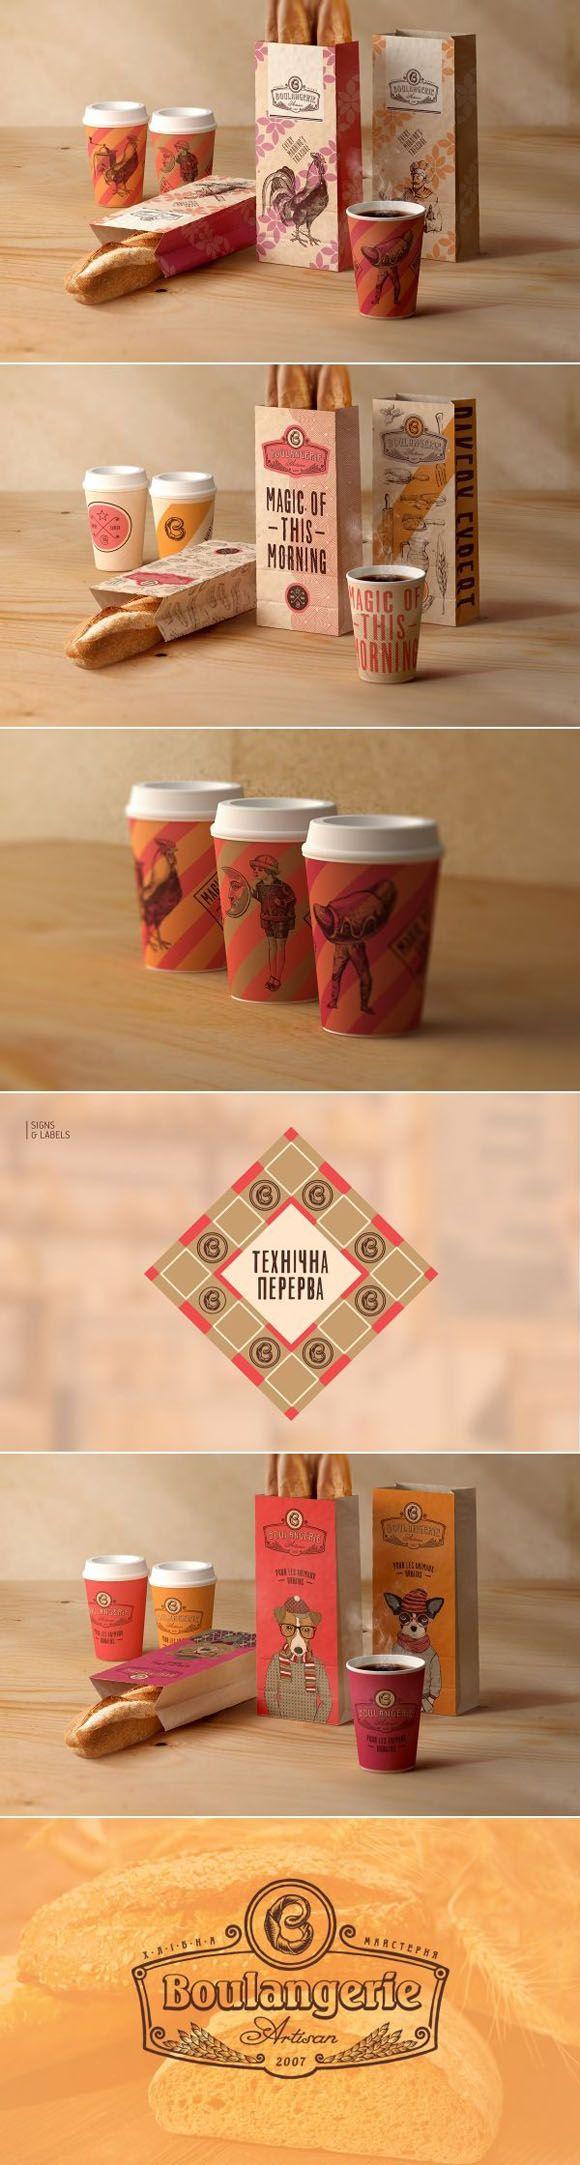 Identidades Visuais de Café quentinhas e fresquinhas